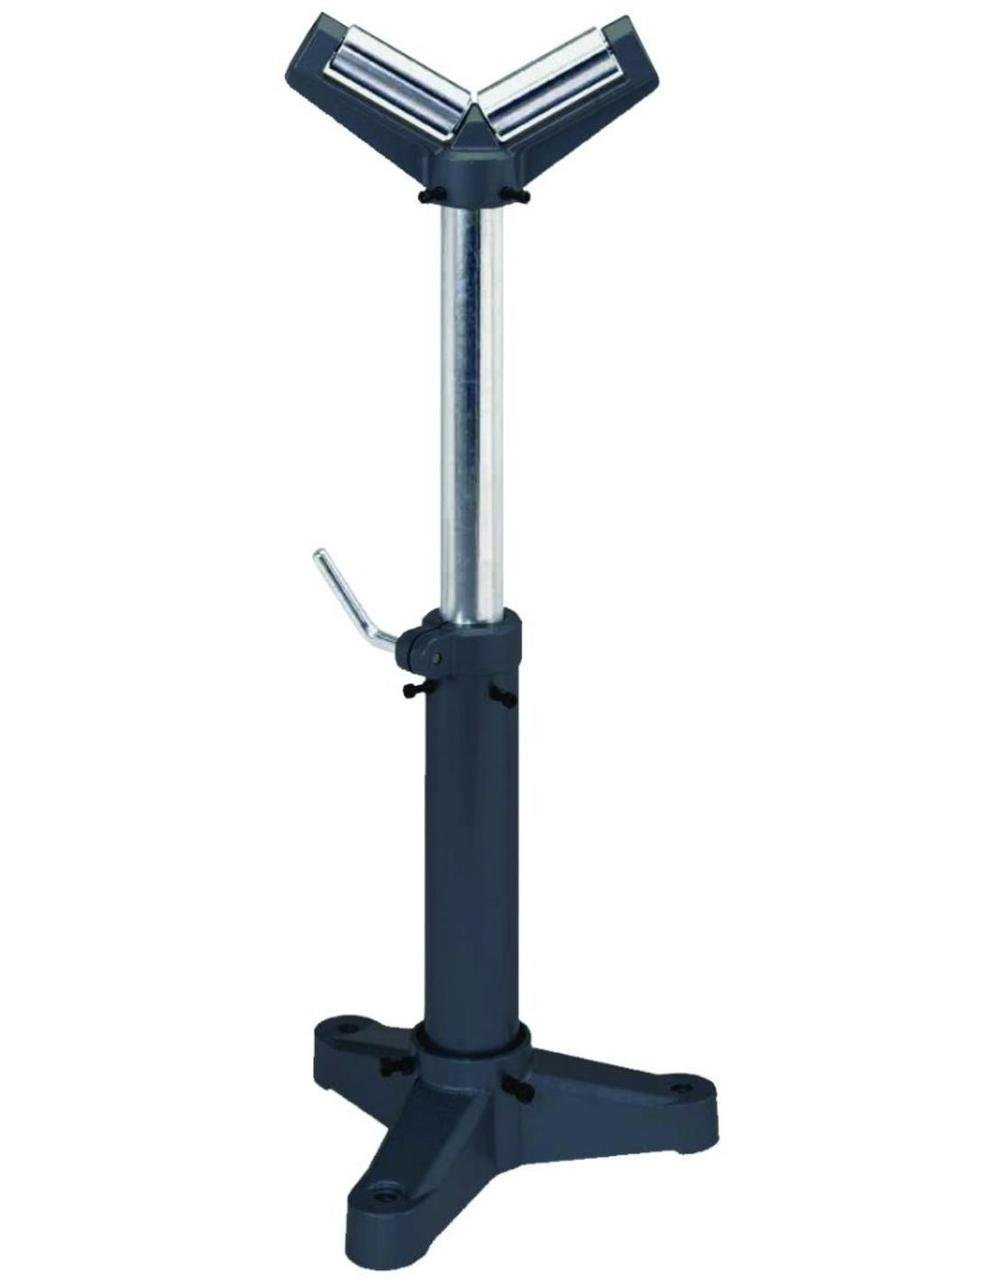 Palmgren V-roller material support pedestal stand, 18''